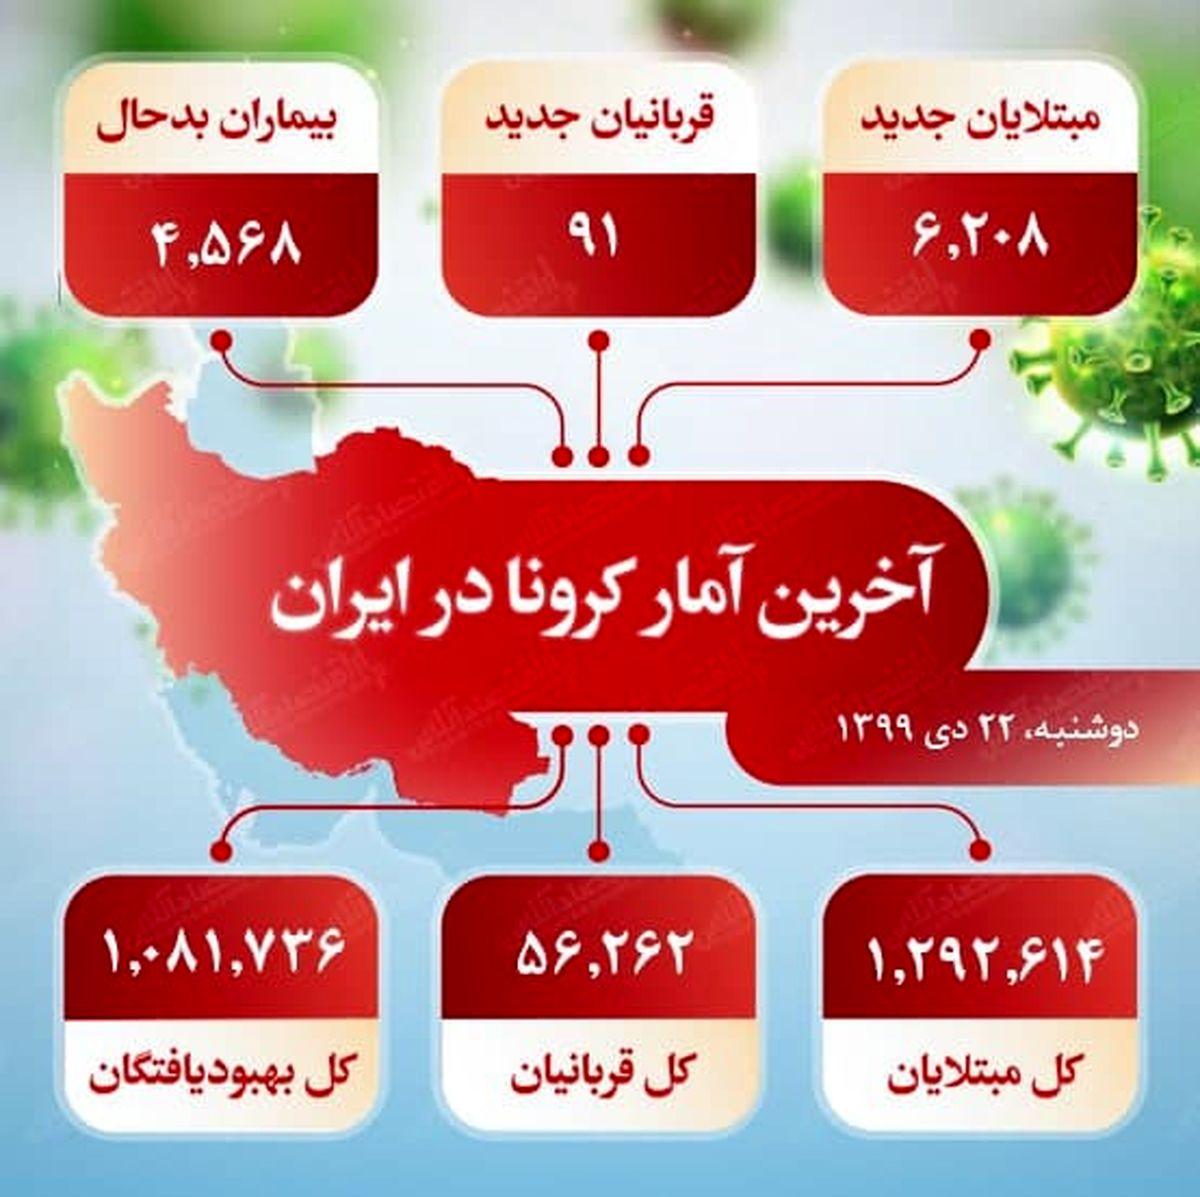 آخرین آمار کرونا در ایران (۹۹/۱۰/۲۲)